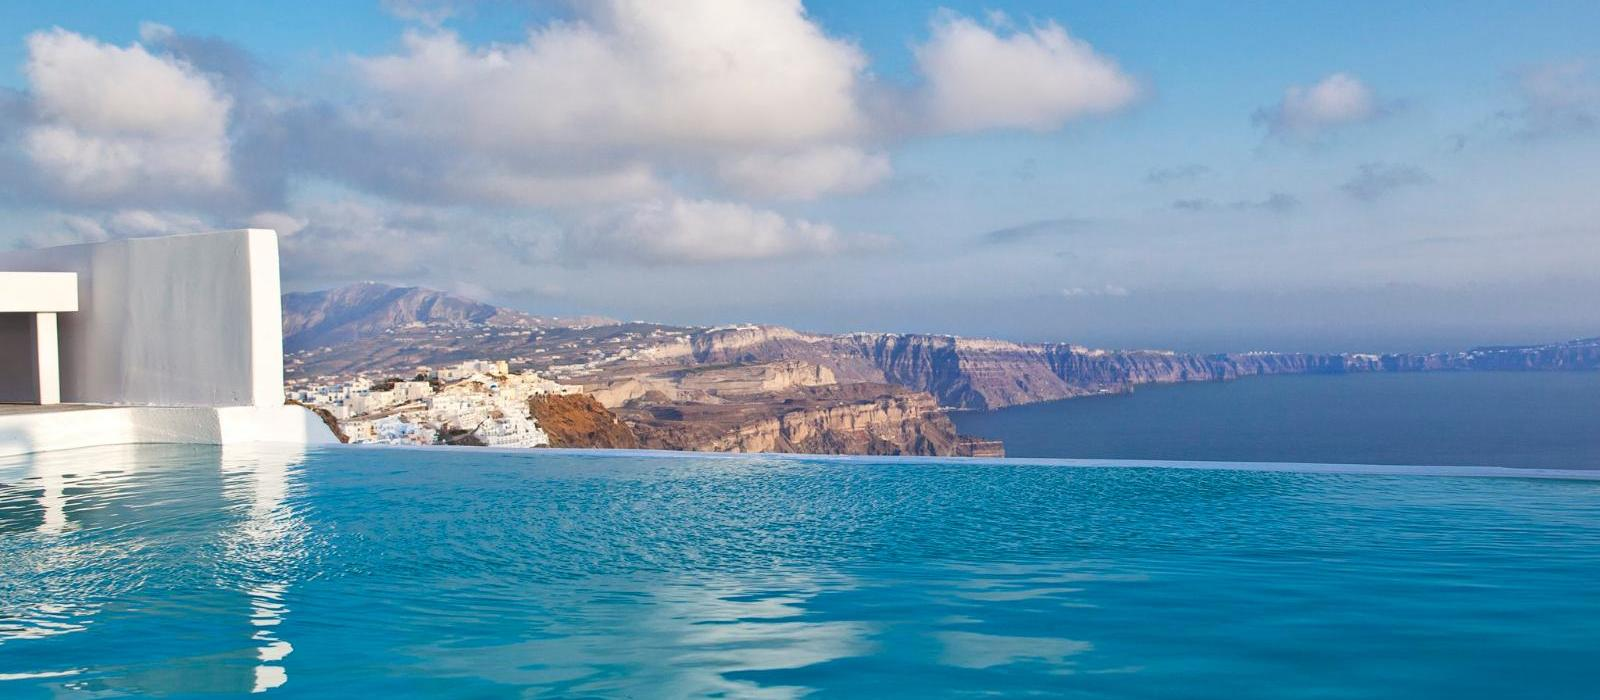 圣托里尼嘉邸祺卓玛达时尚酒店(Katikies Chromata Santorini) 图片  www.lhw.cn